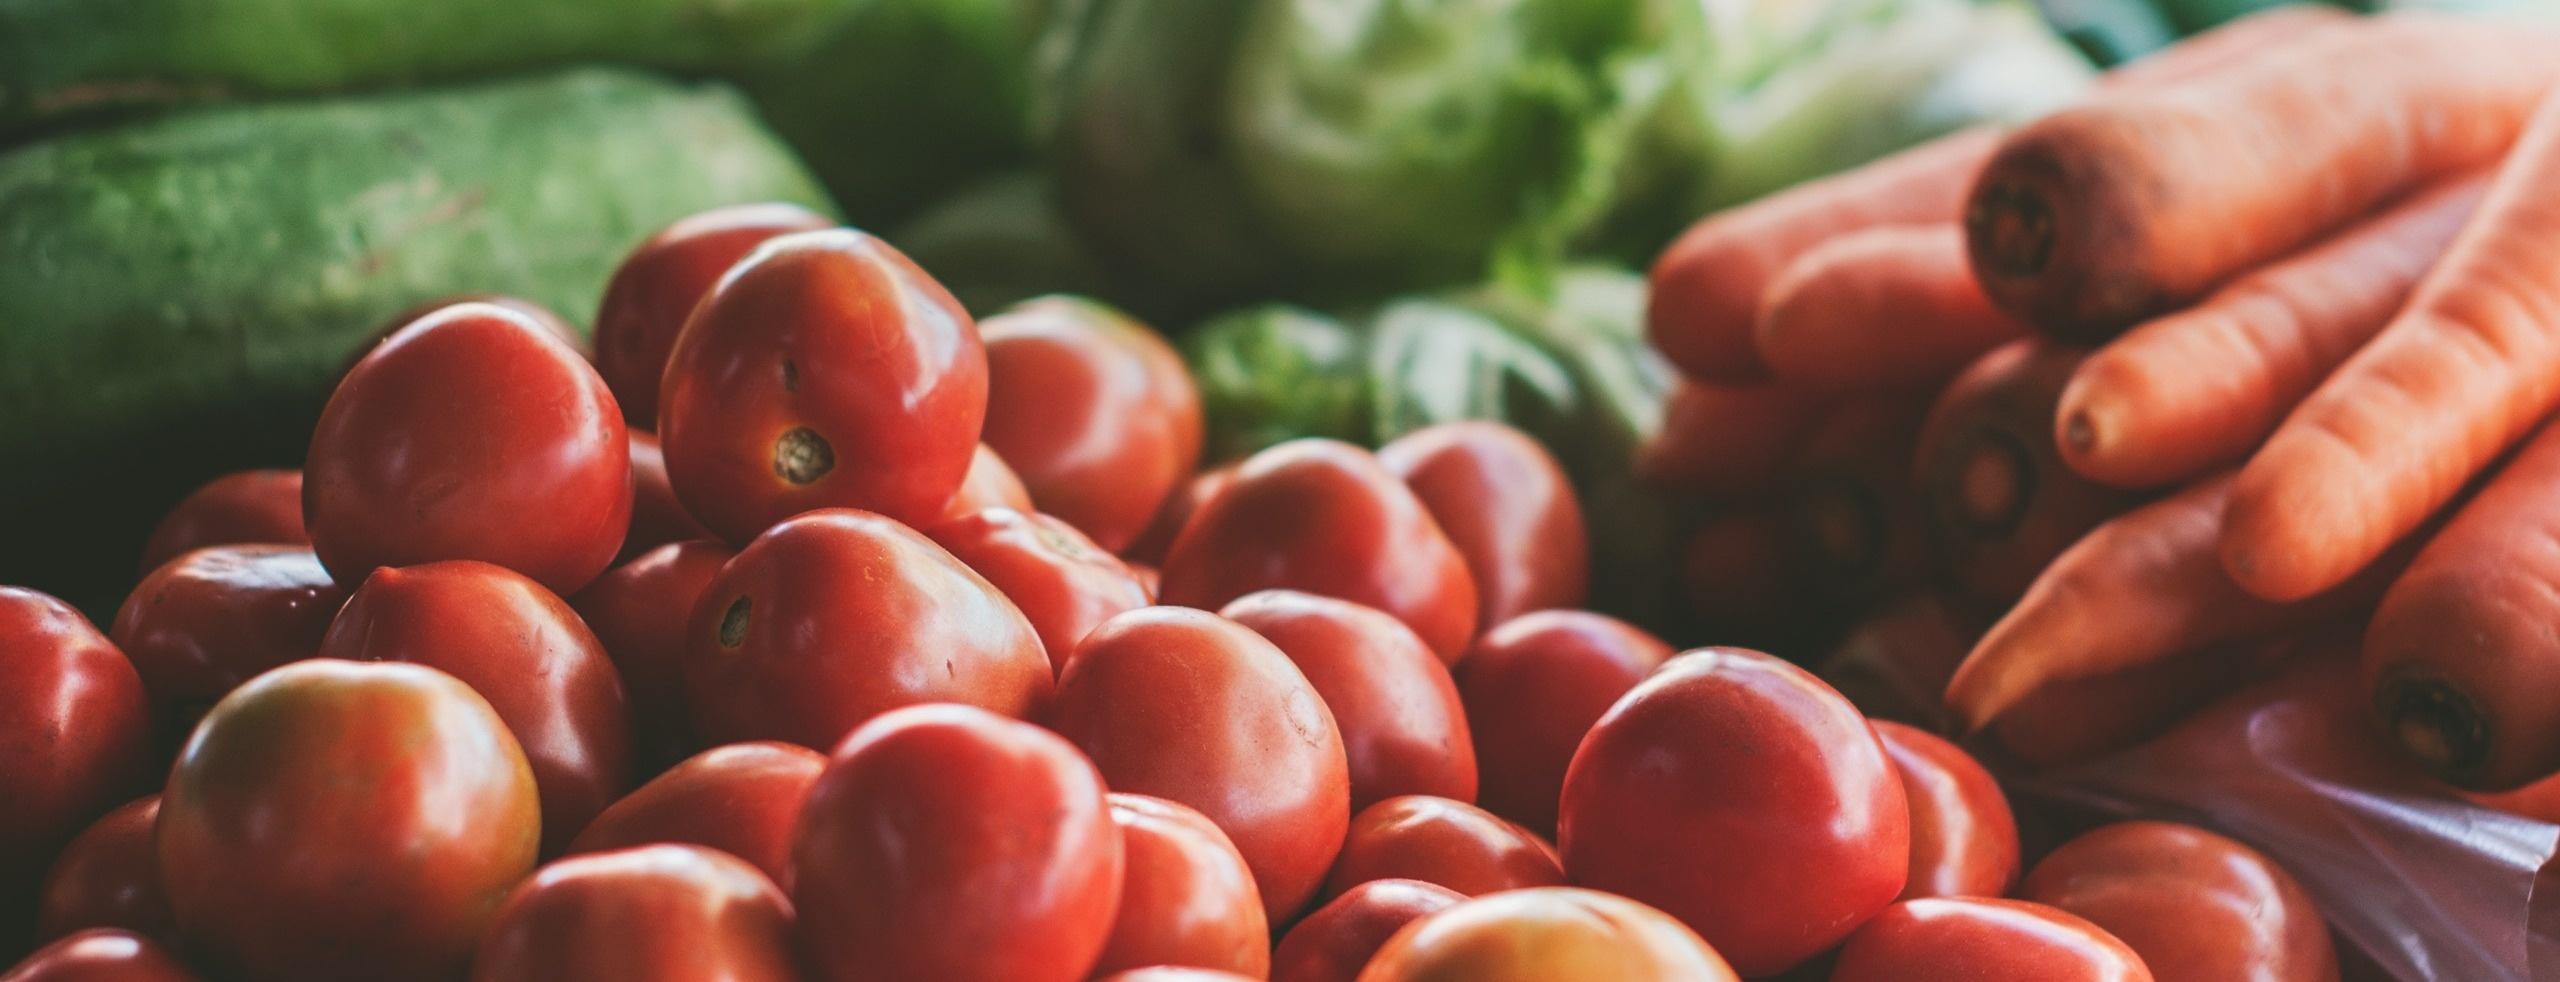 Muskelaufbau für Vegetarier